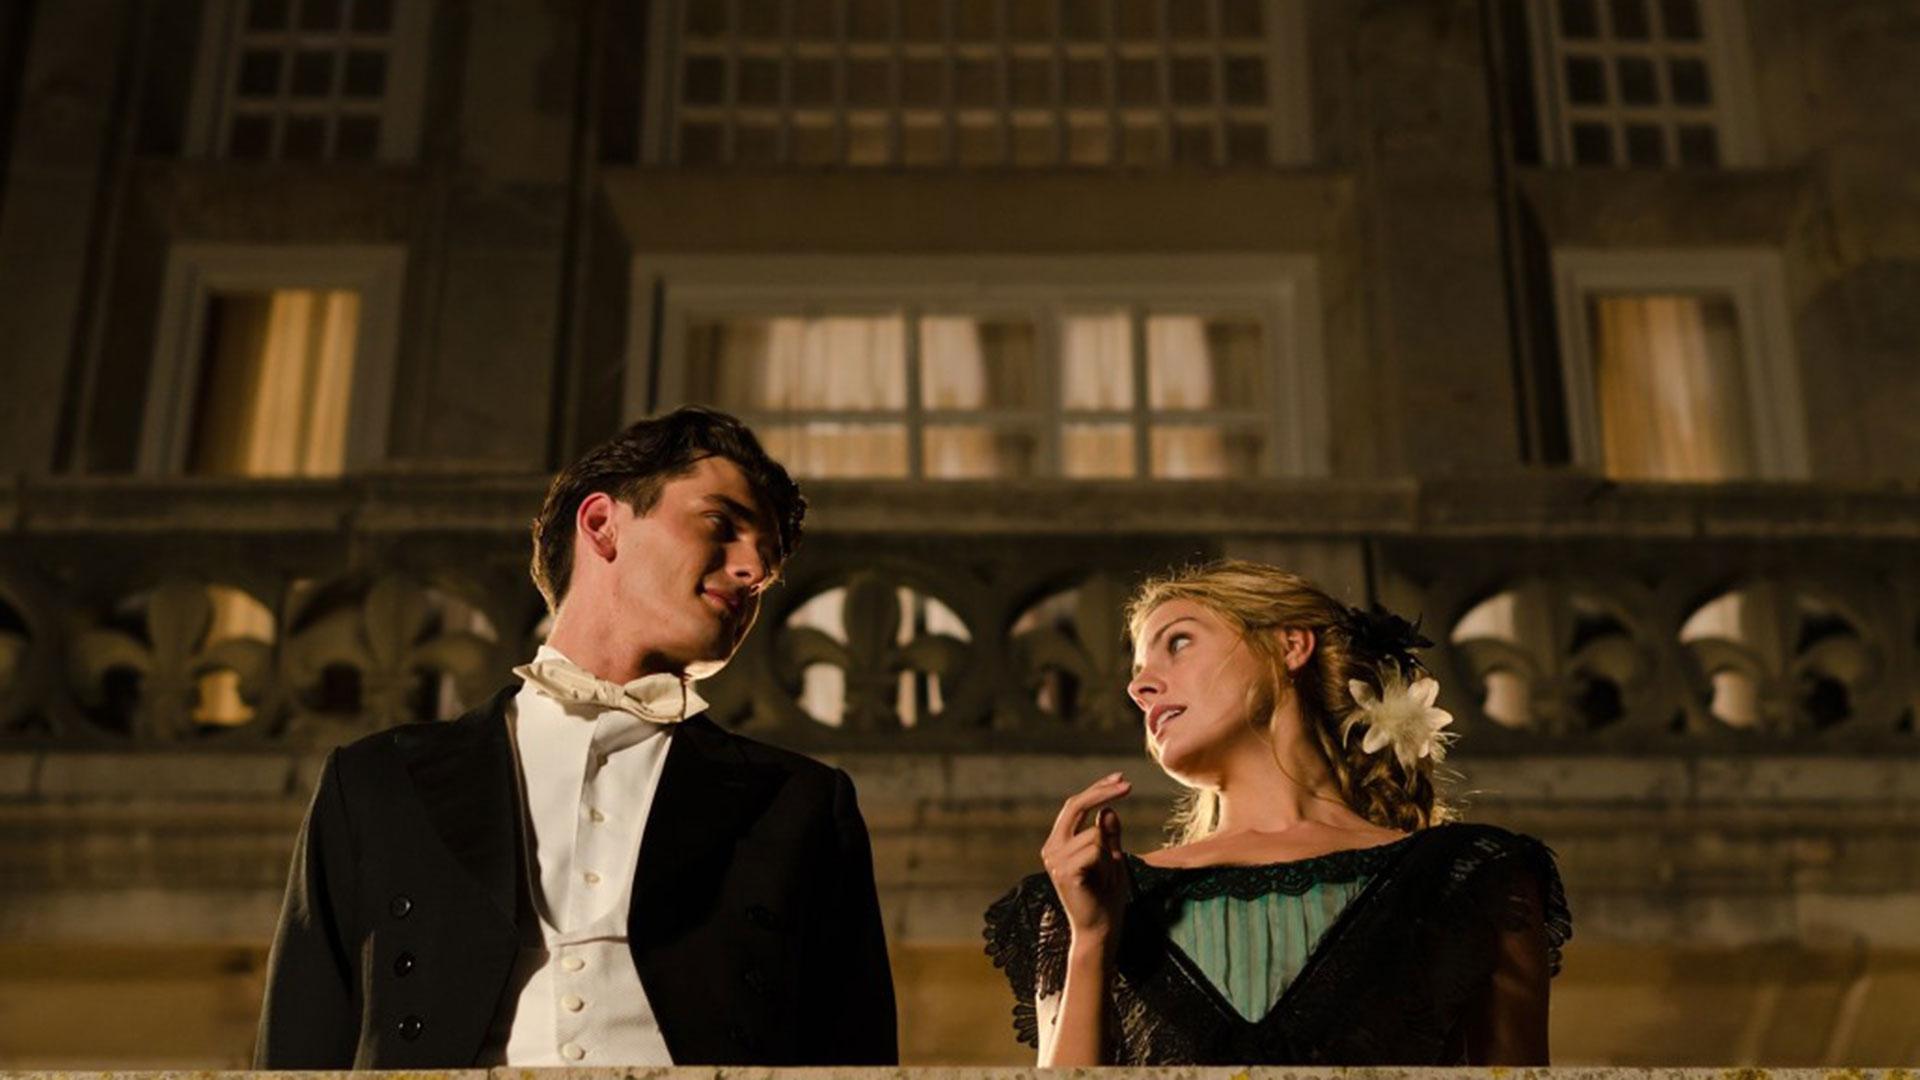 """La serie original, conocida como el """"Downton Abbey español"""", se emitió en Antena 3 entre 2011 y 2013, y llegó a tener un alto porciento de audiencia en los hogares españoles"""